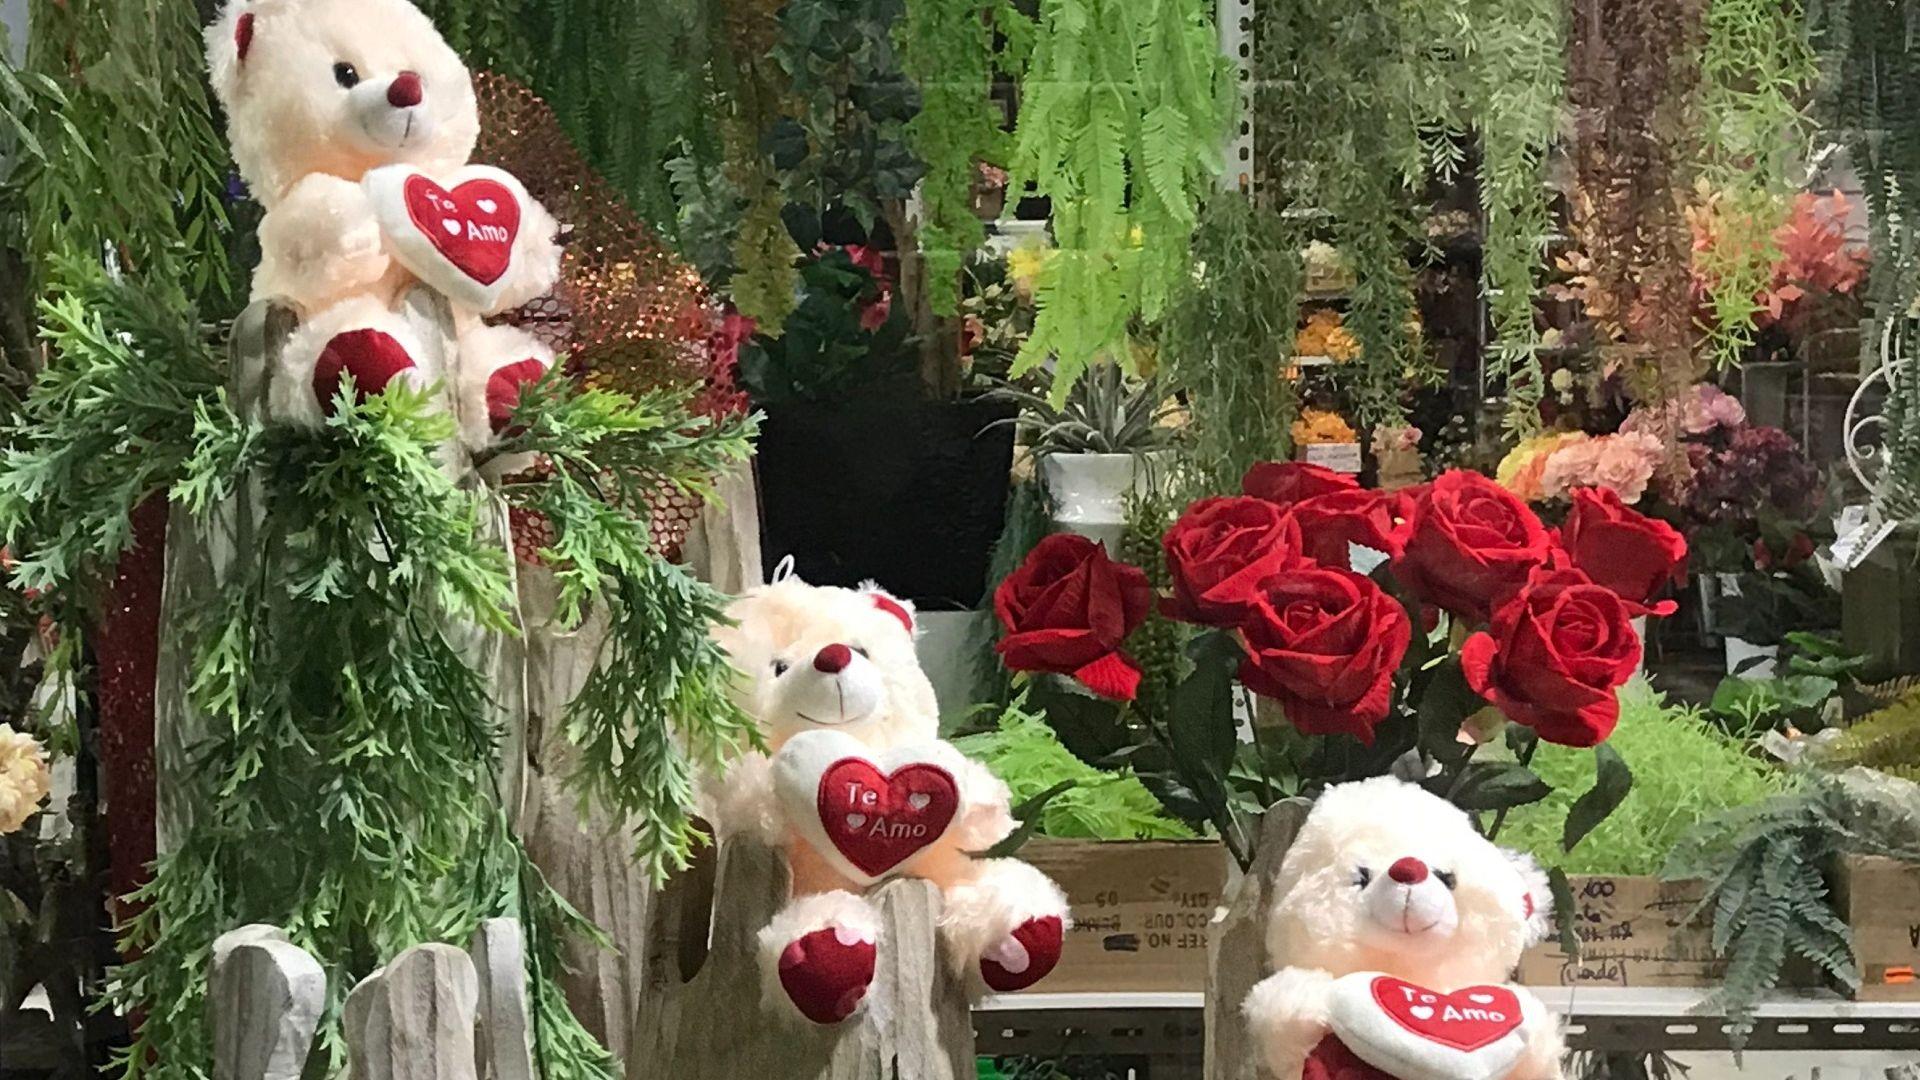 Escaparate de San Valentin en la parada de Viladecans de Fernando Gallego SCP